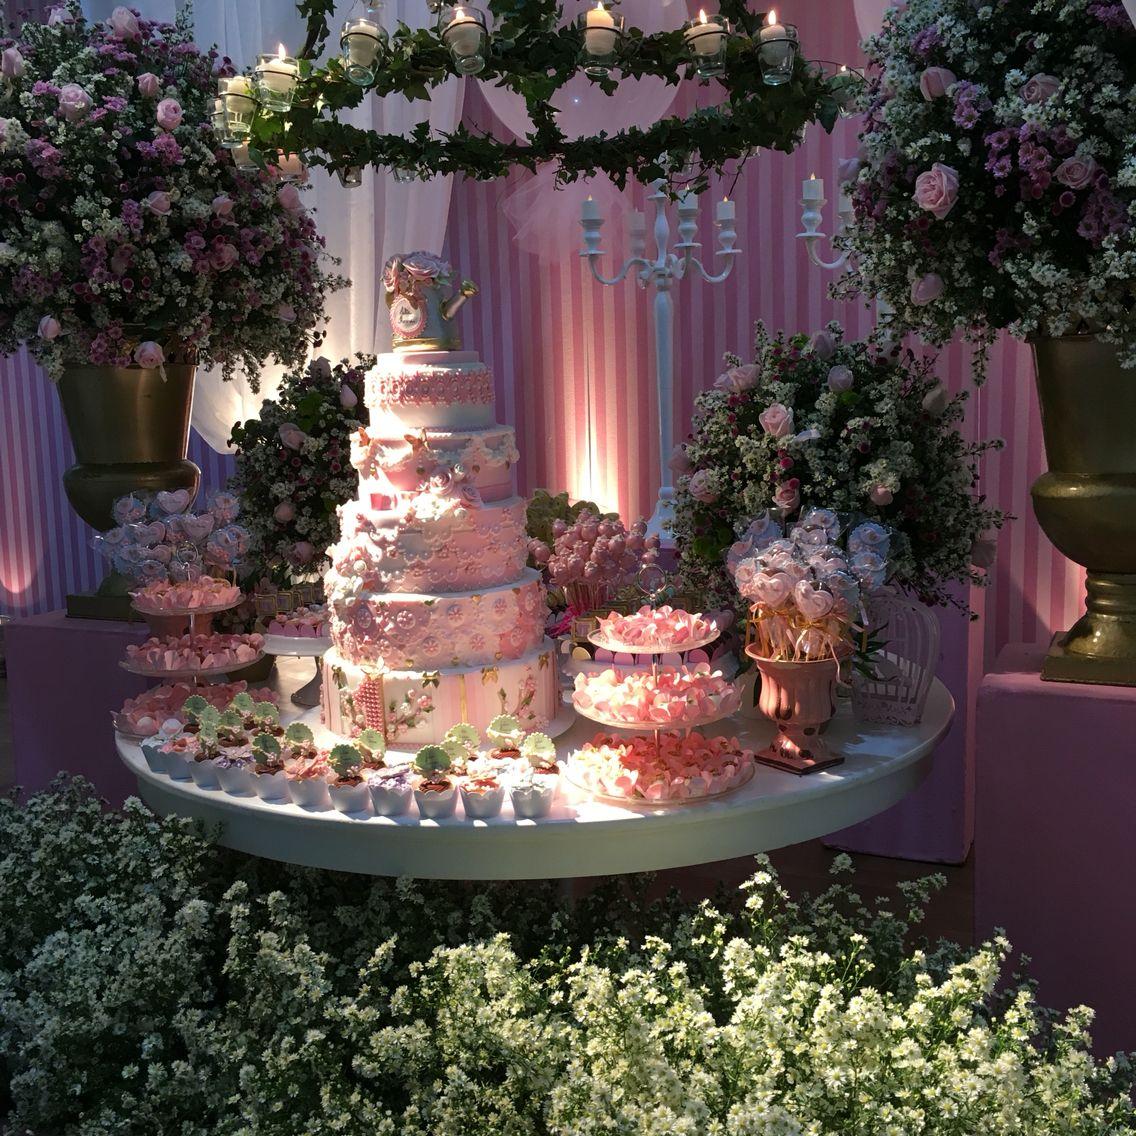 Mesa de bolo com gazebo e lustre de heras - festa de 1 aninho com o tema Jardim